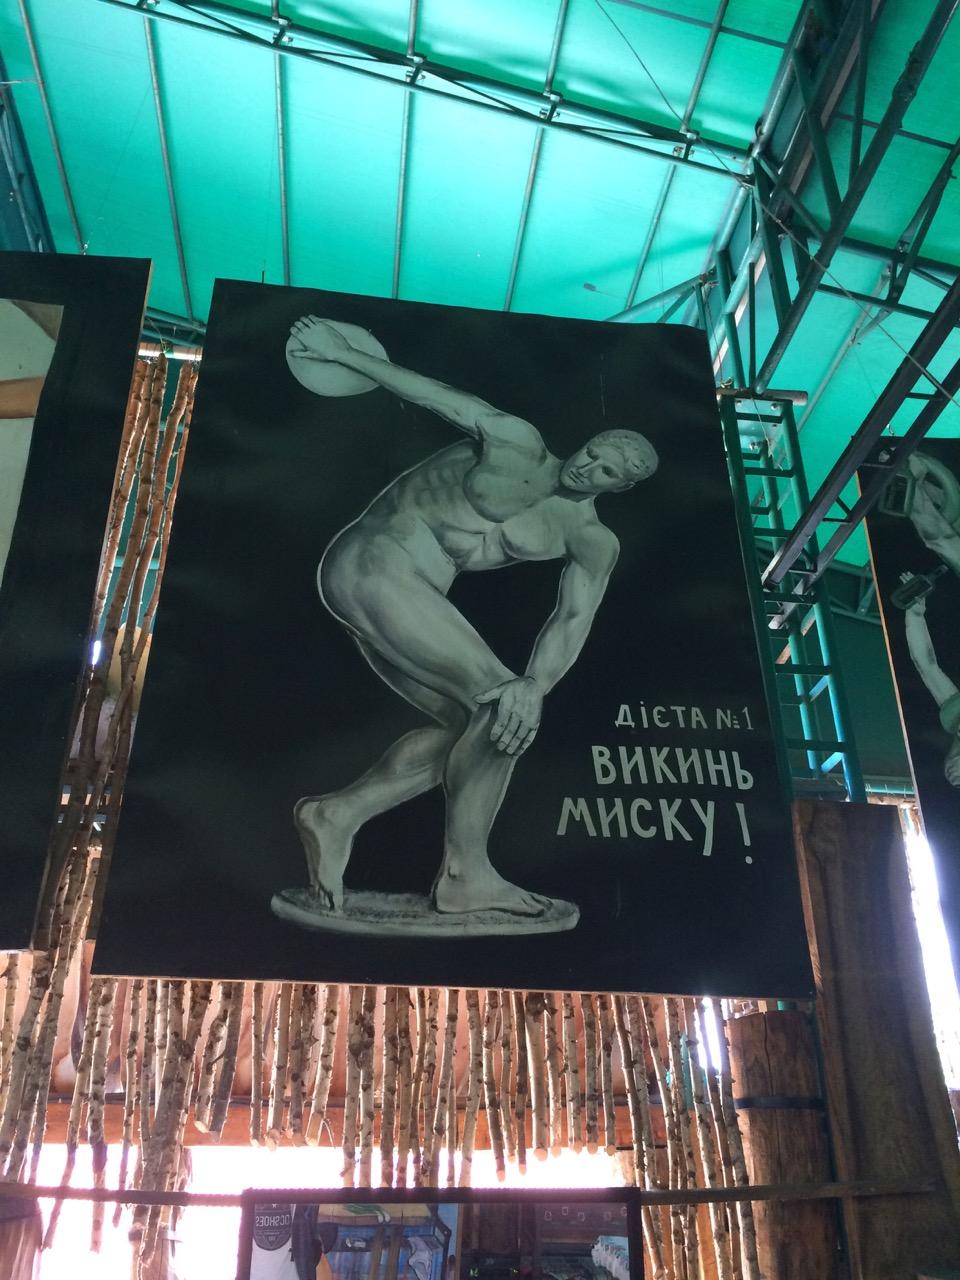 Ужгород - Деца у нотари - Креативный ресторанчик с музеем внутри